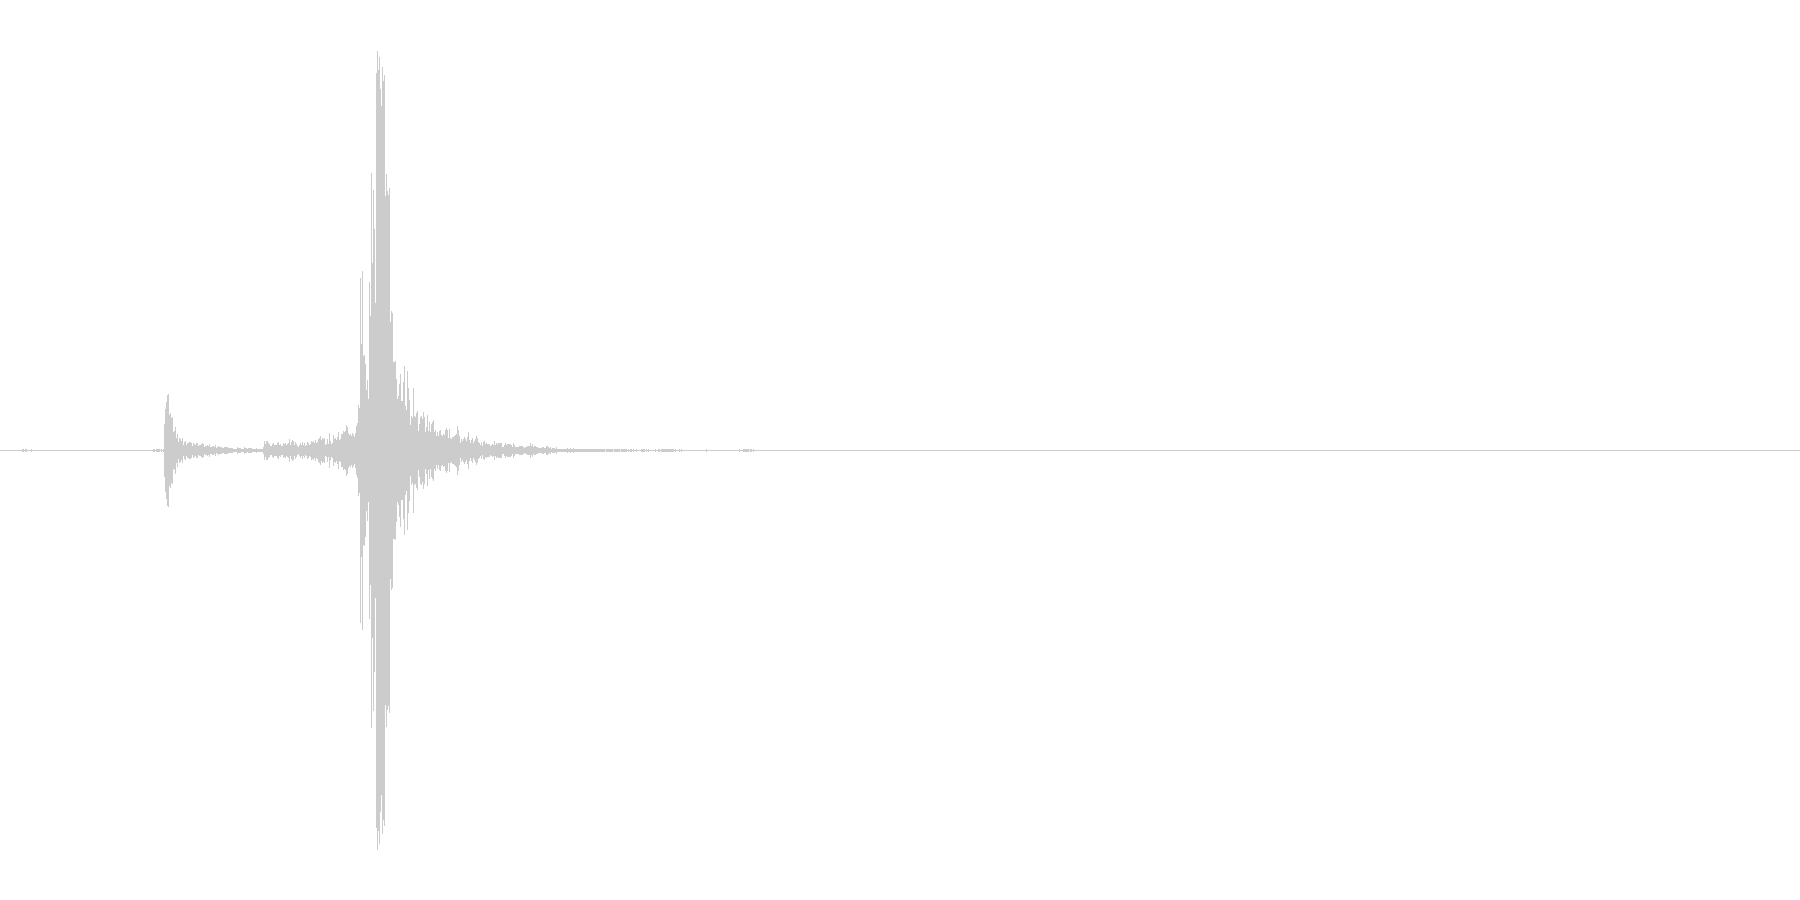 カチャ(Zippoライターを閉じる音)の未再生の波形